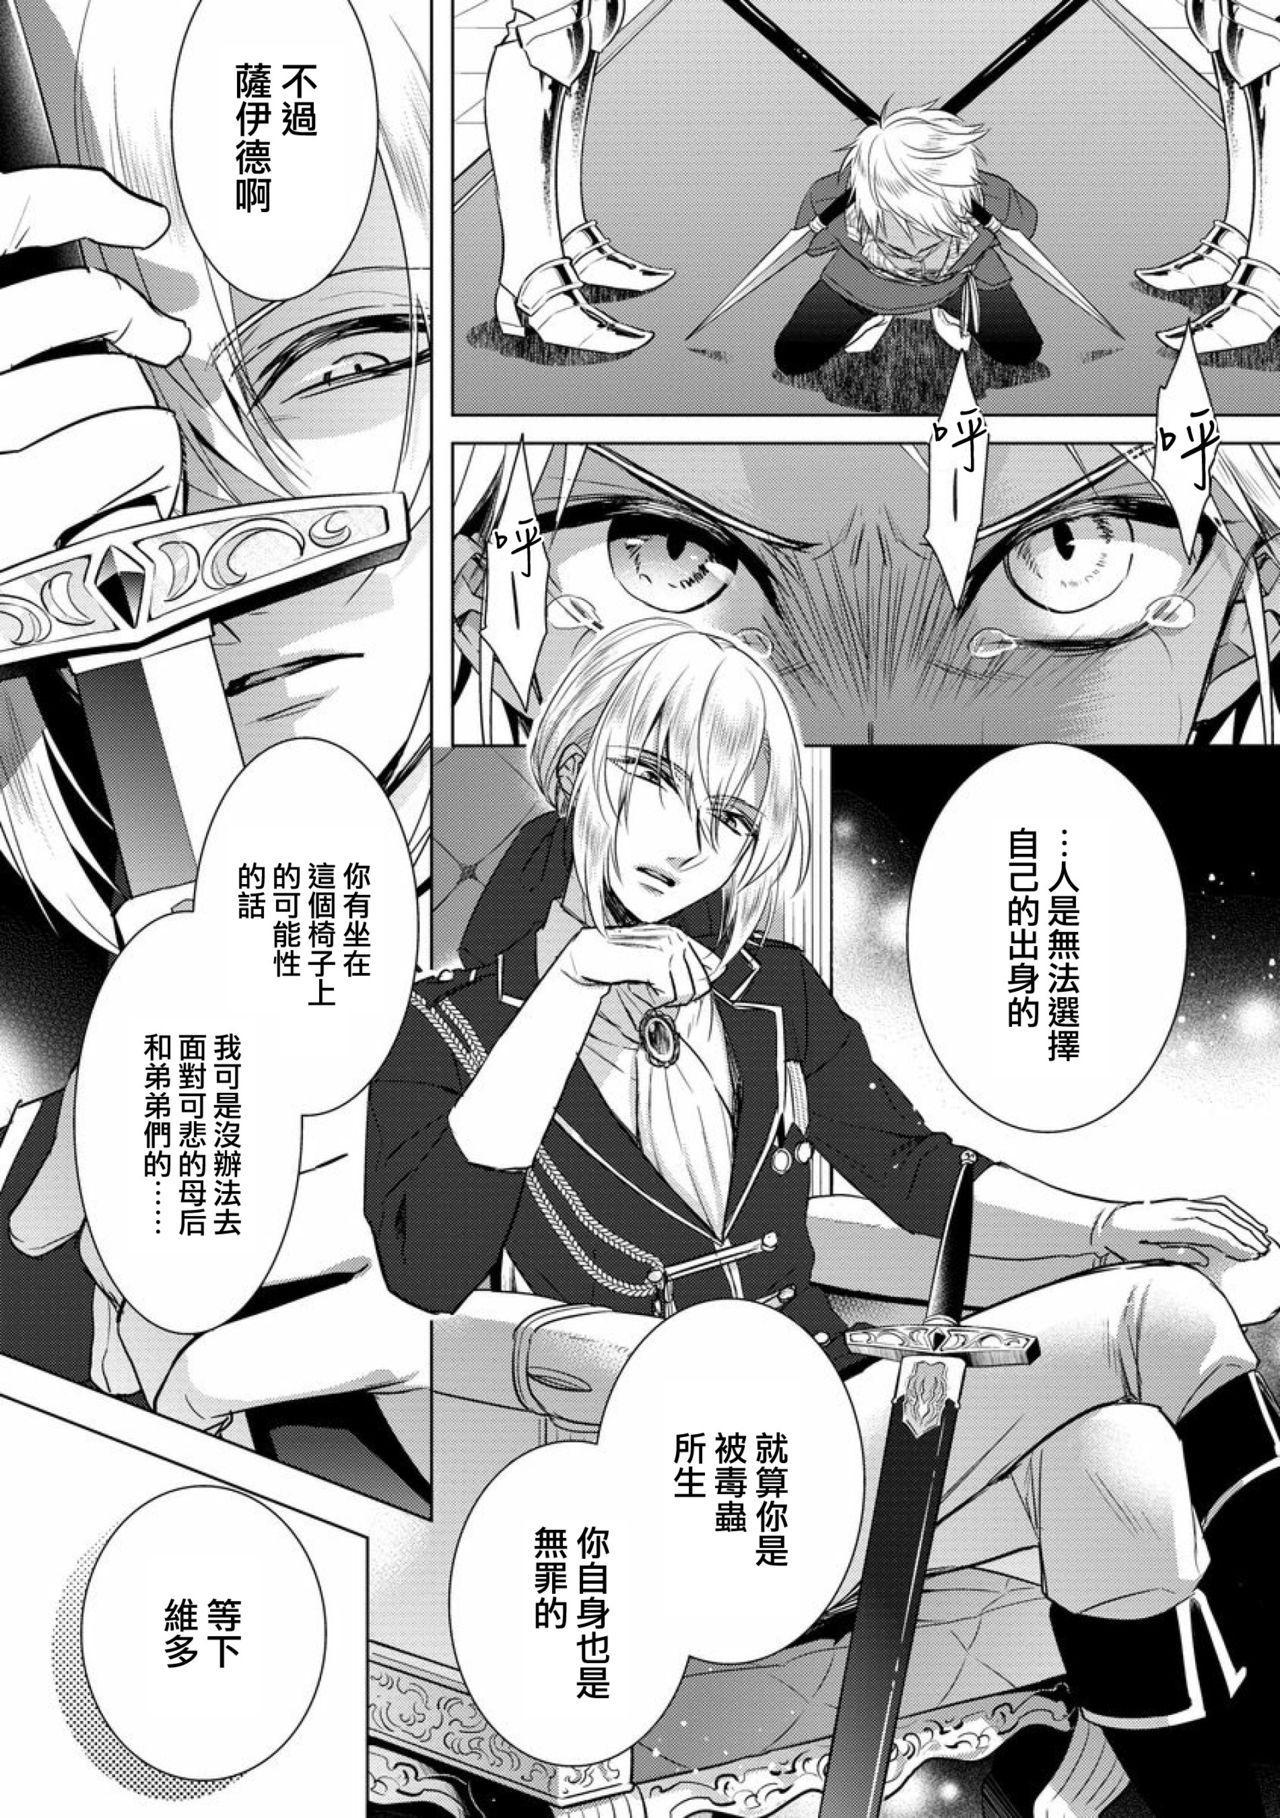 [Saotome Mokono] Kyououji no Ibitsu na Shuuai ~Nyotaika Knight no Totsukitooka~ Ch. 12 [Chinese] [瑞树汉化组] [Digital] 25